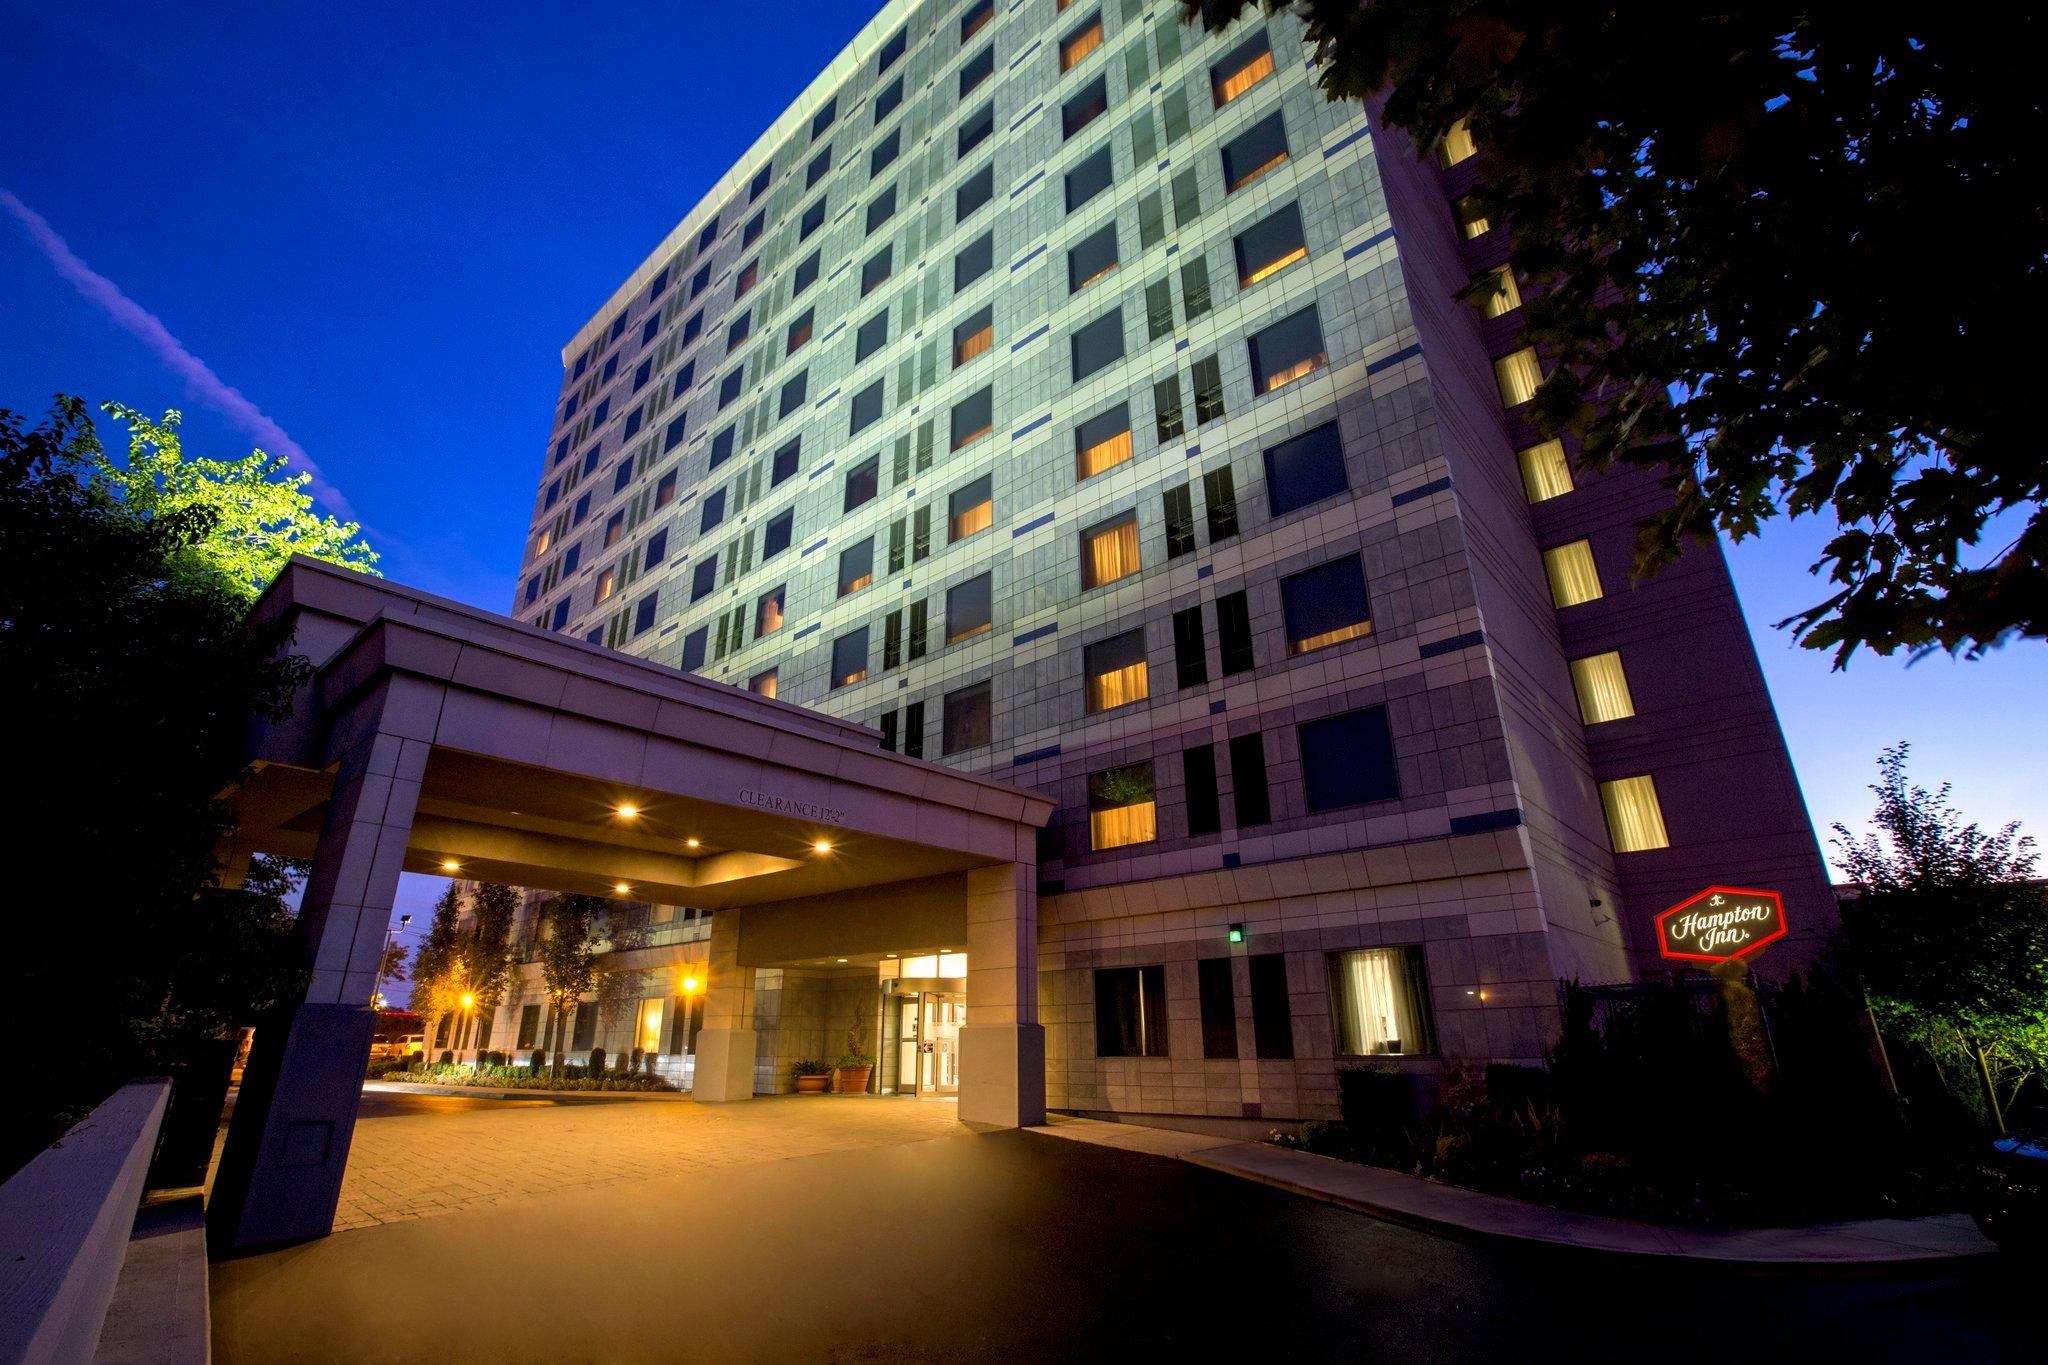 Hampton Inn NY - JFK